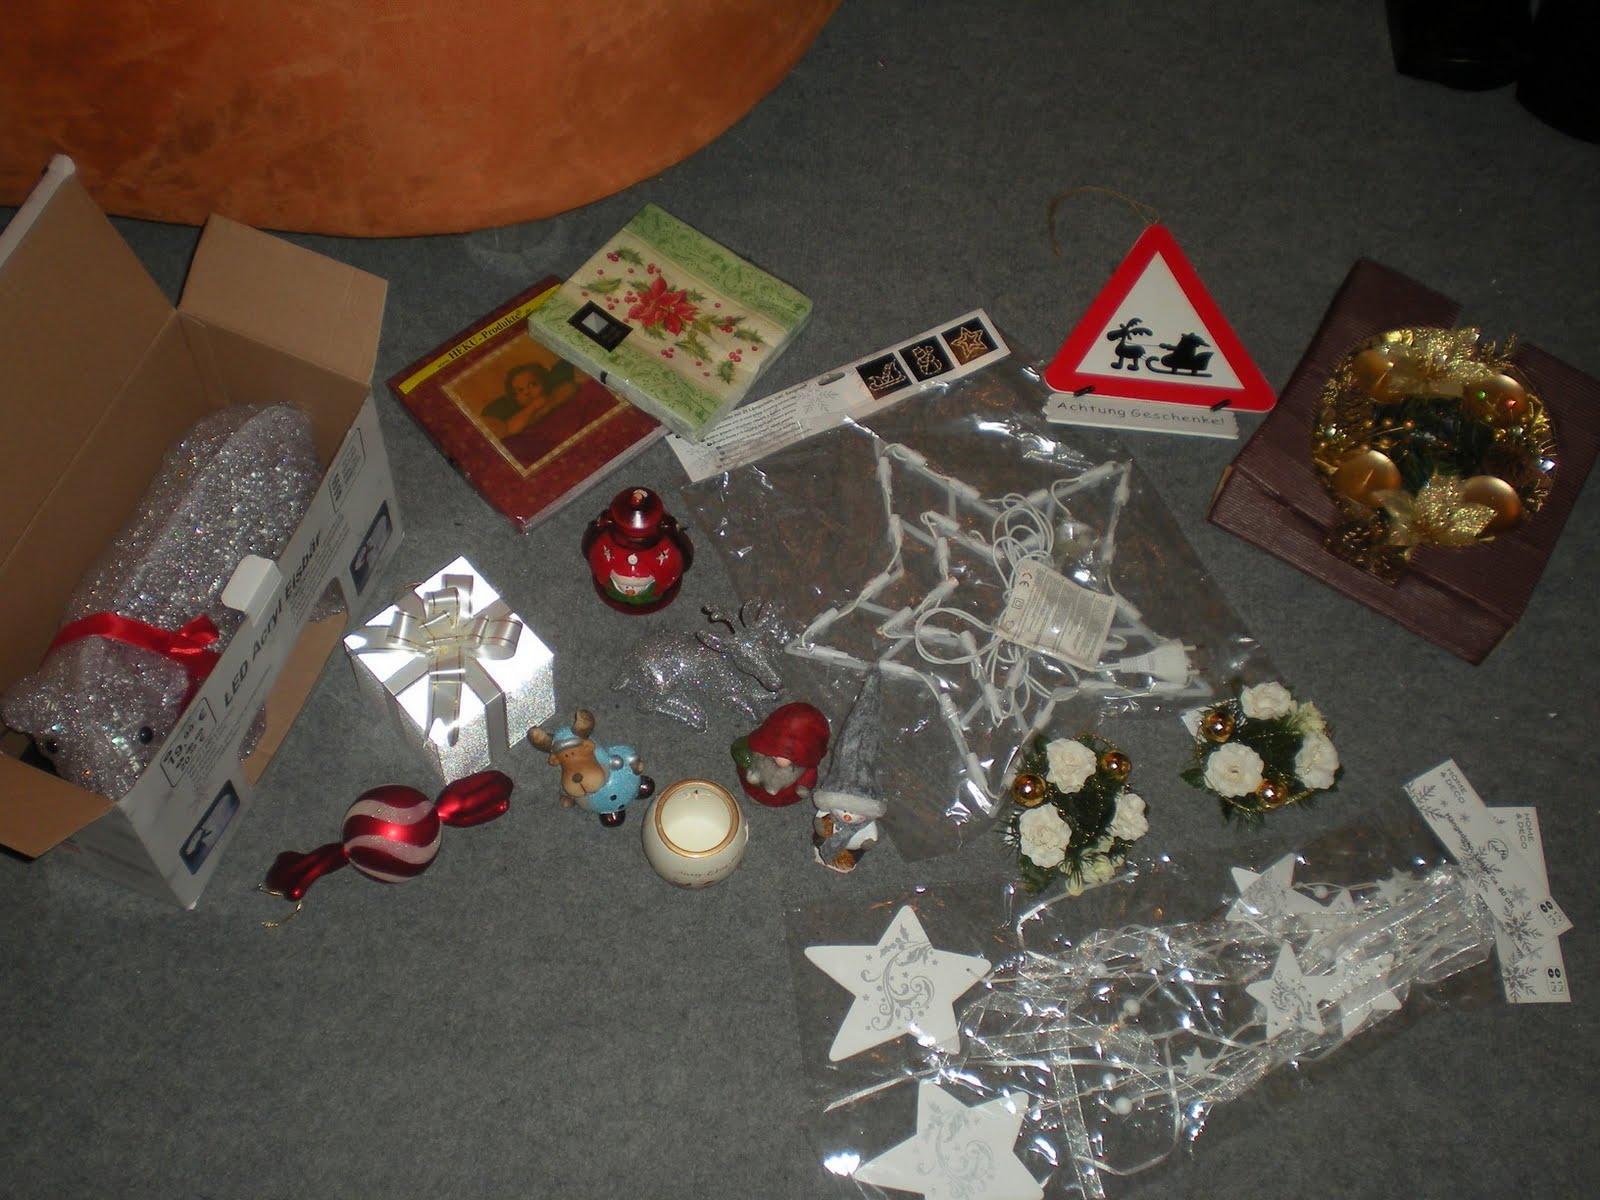 Weihnachtsdeko Kik.Fields Of Paperflowers Haul Weihnachtsdeko Und Der Geilste